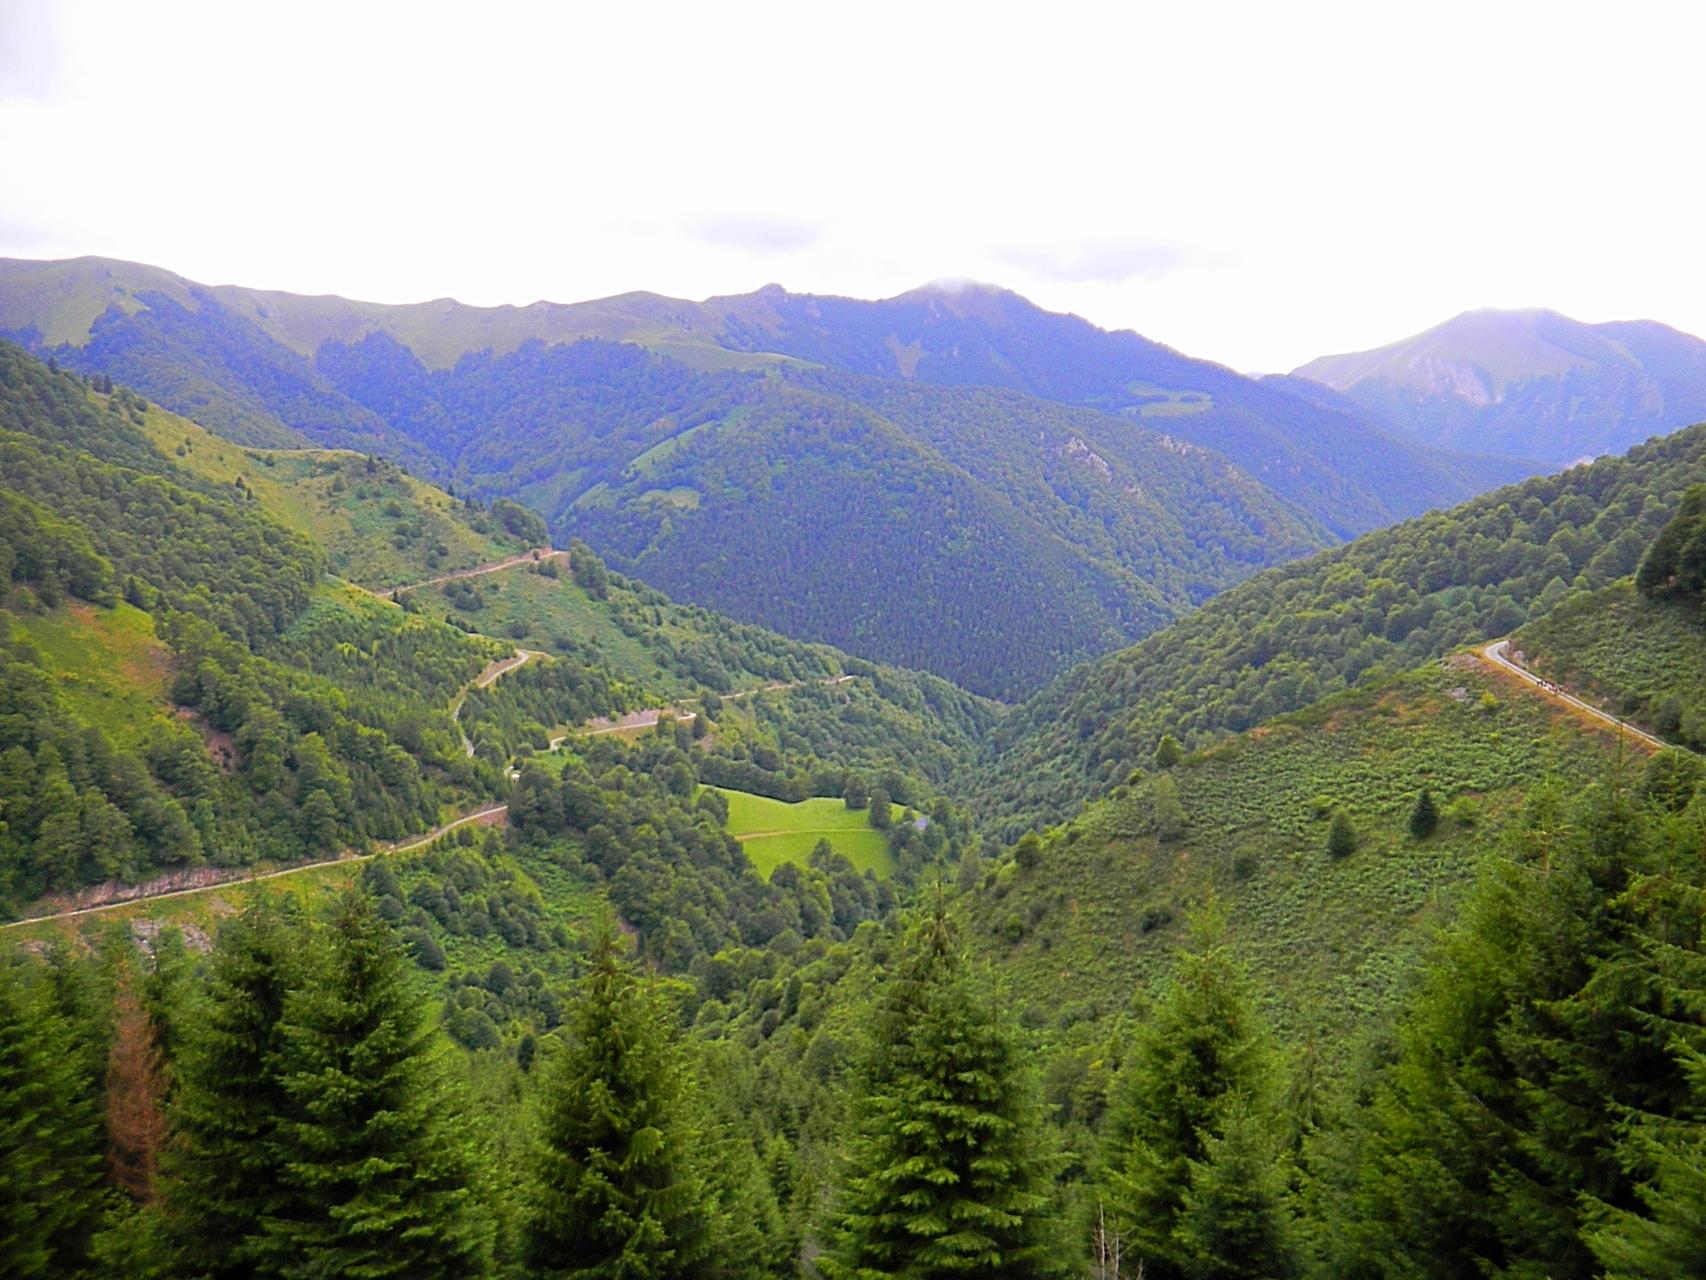 Vue d'une partie de la vallée de Sost, la piste est bien visible.